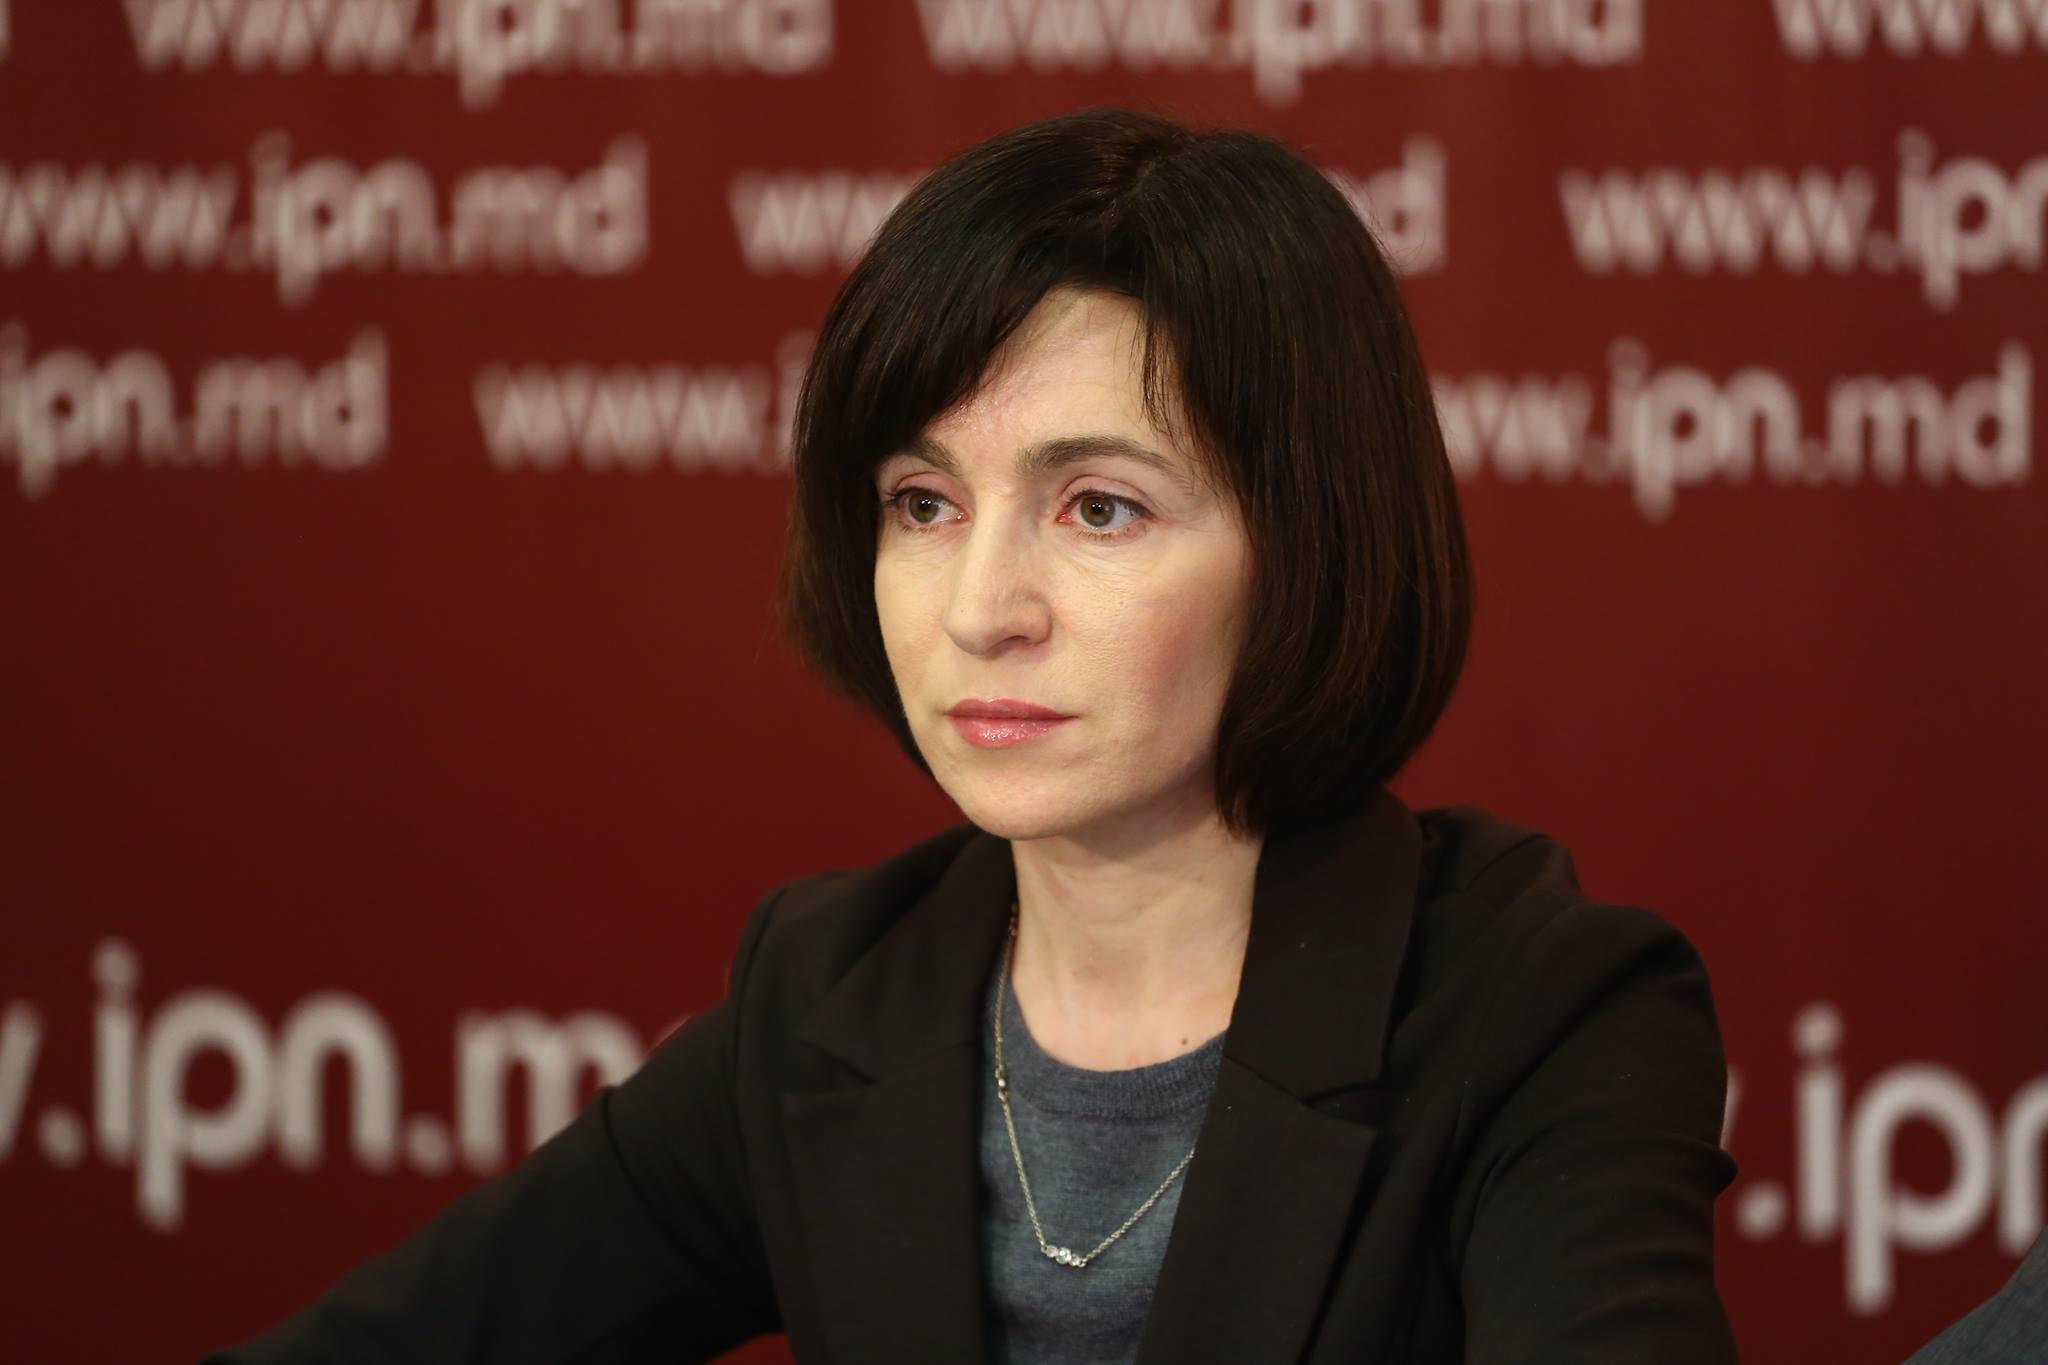 Санду: Объем нелегальных финансовых потоков в Молдове оценивается в $1 млрд в год